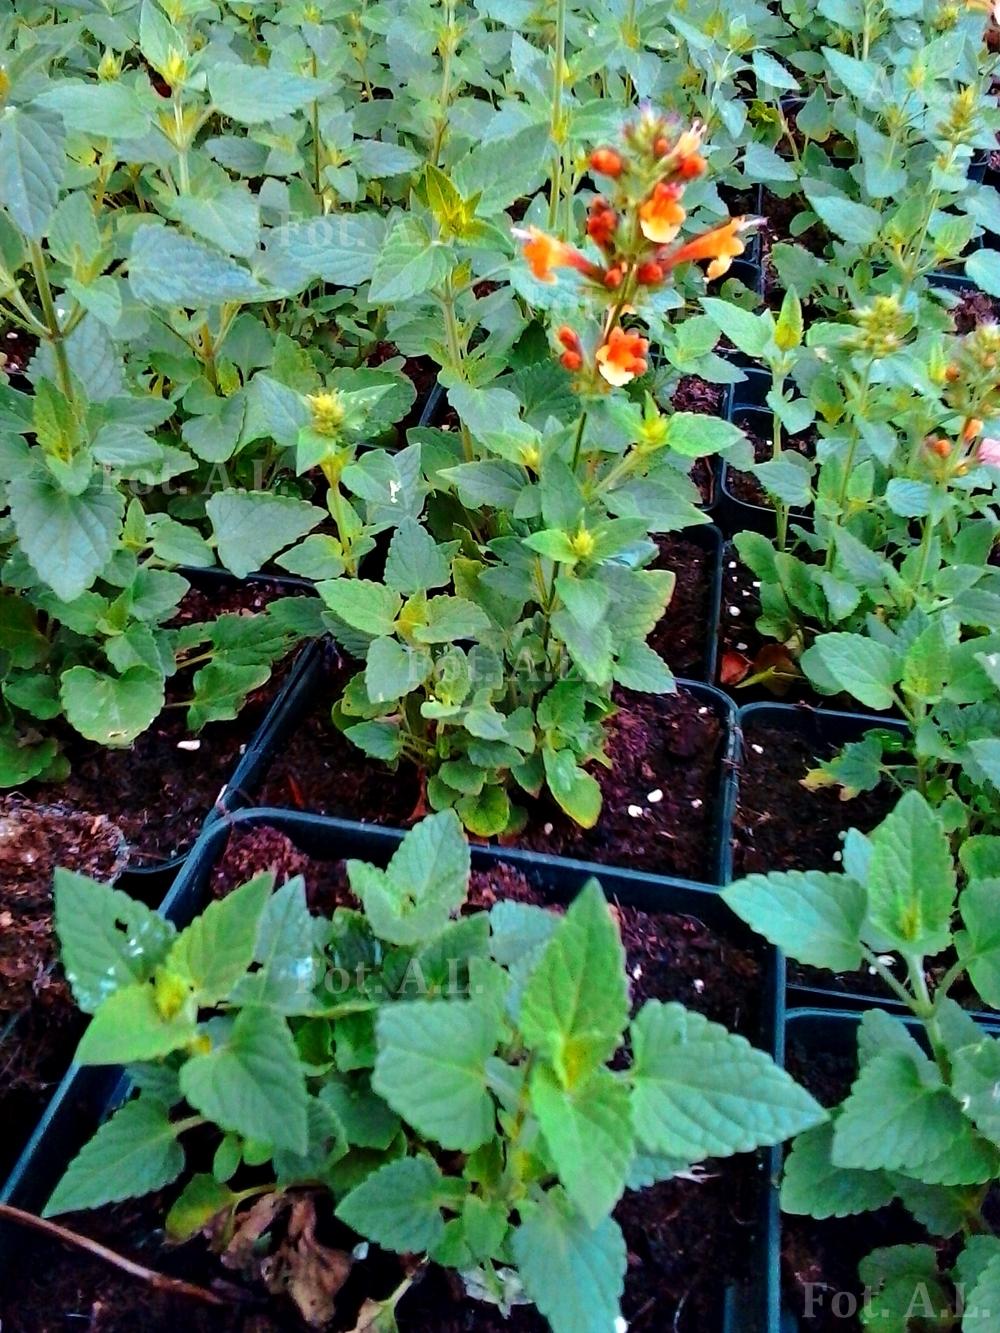 agastache kudos mandarin - phenomenal perrenial of sun parts of garden